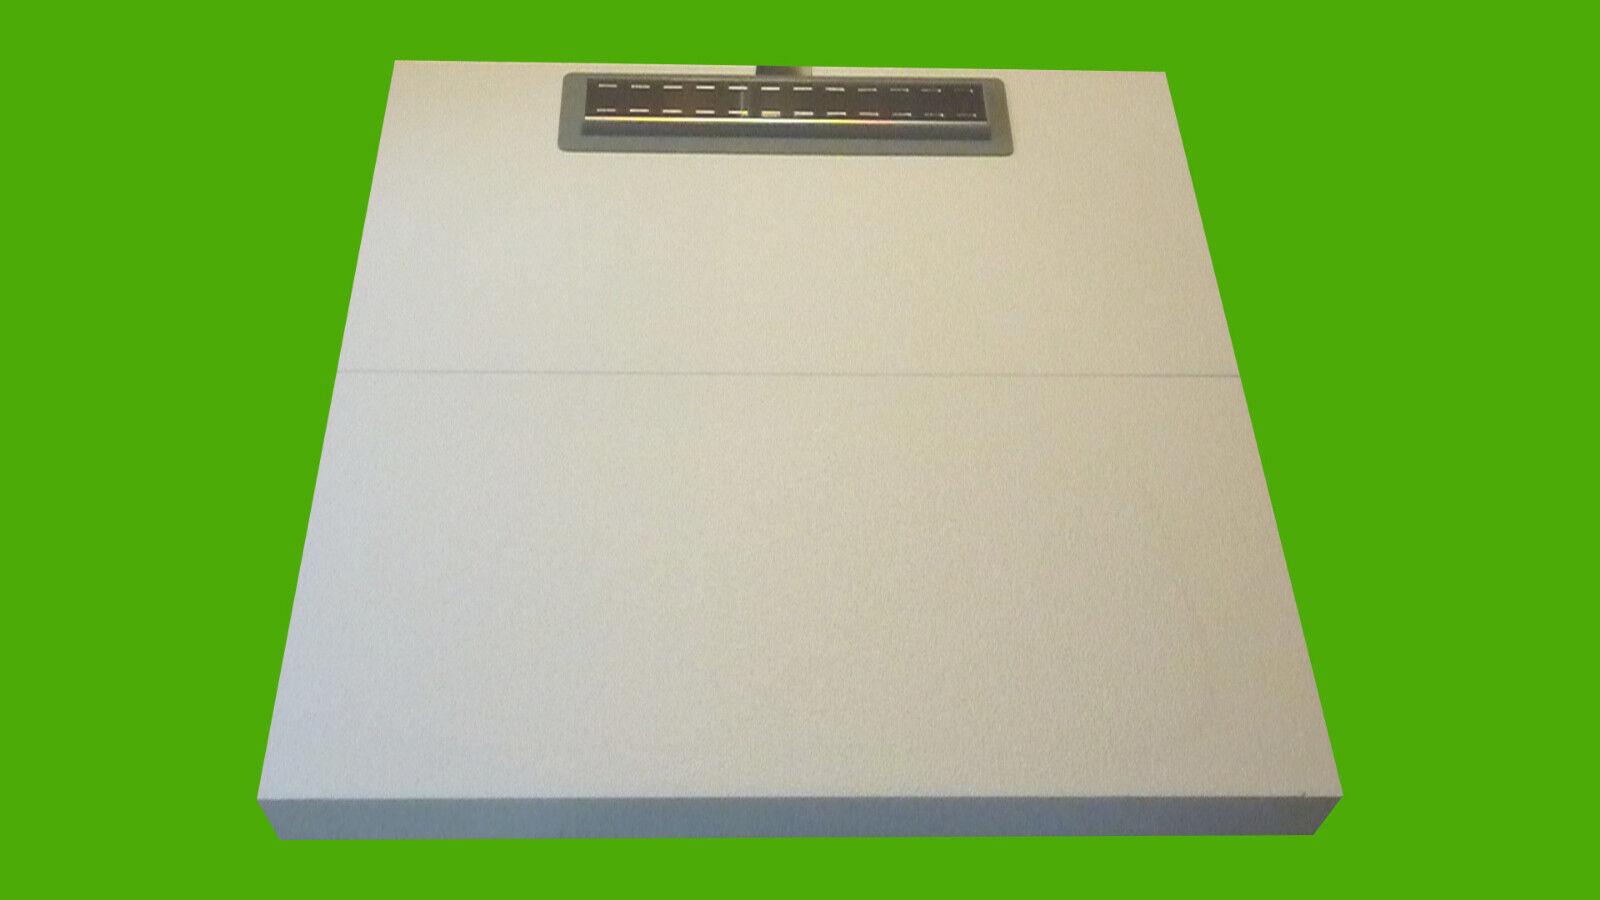 DUSCHBOARD EBENERDIG BEFLIESBAR 150x100x8,5cm MODULELEMENT DUSCHRINNE  50 cm